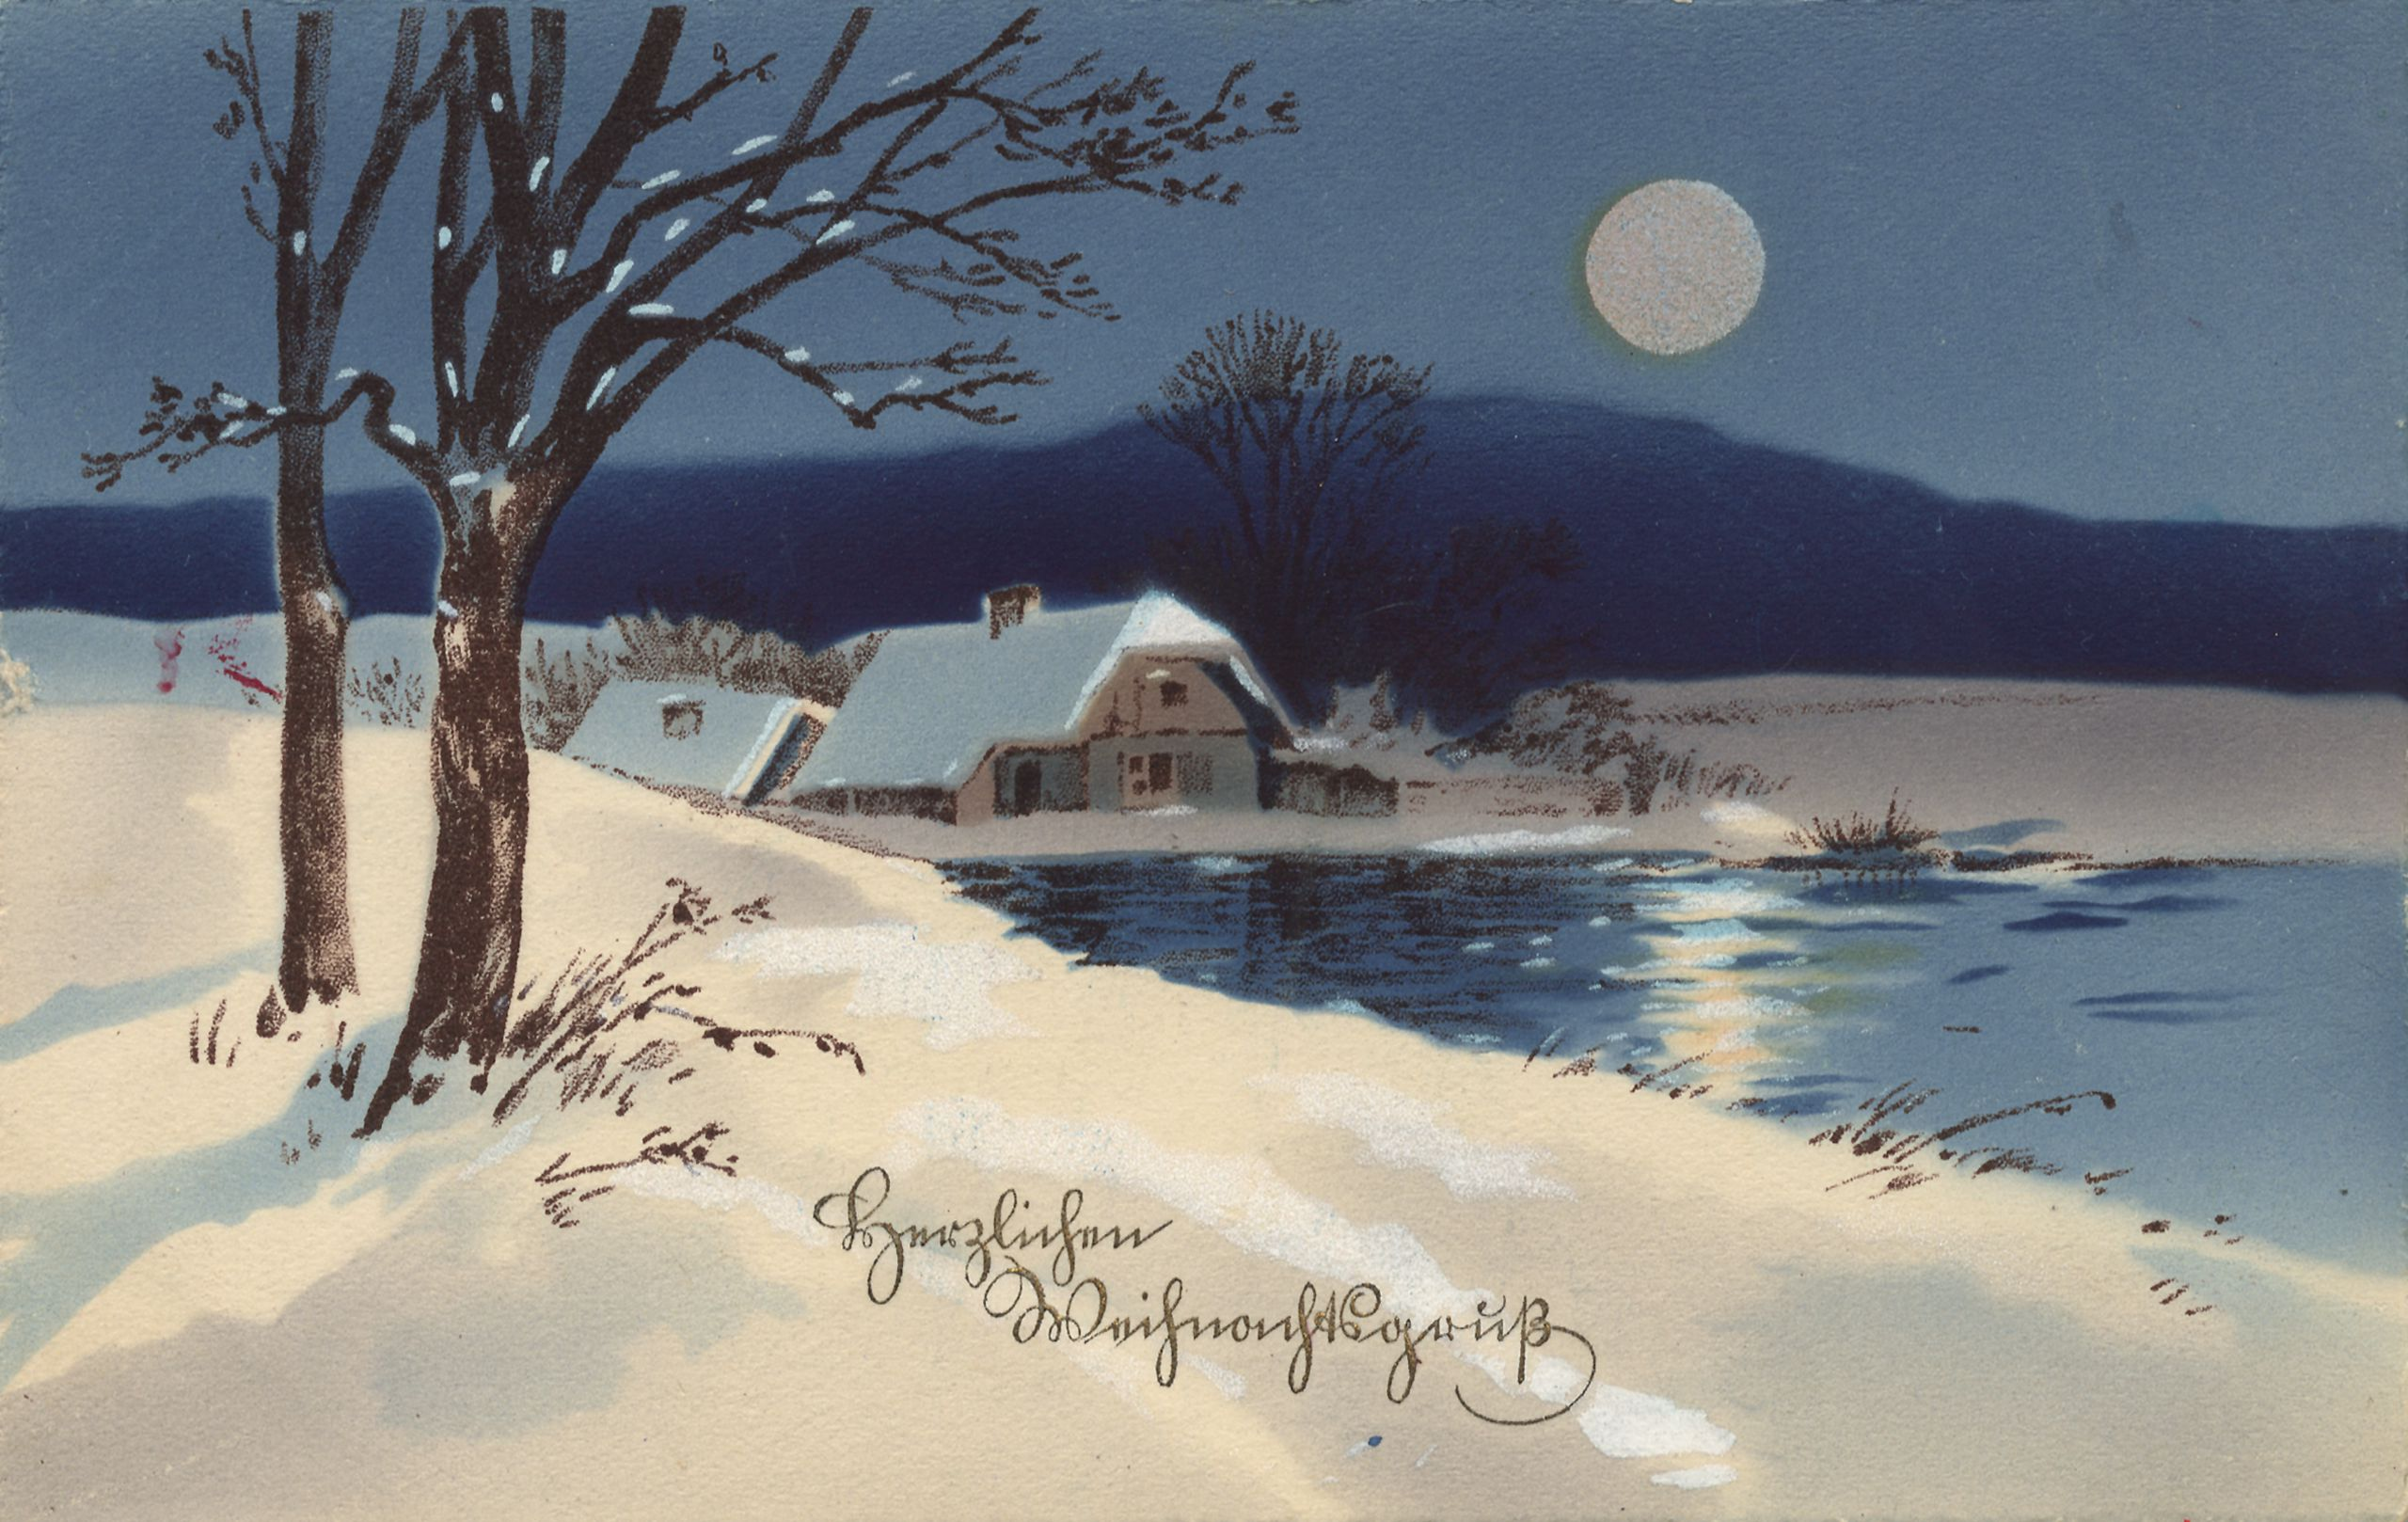 Weihnachten, Landschaften, Dörfer, Vollmond über Seehütte - Zeno.org